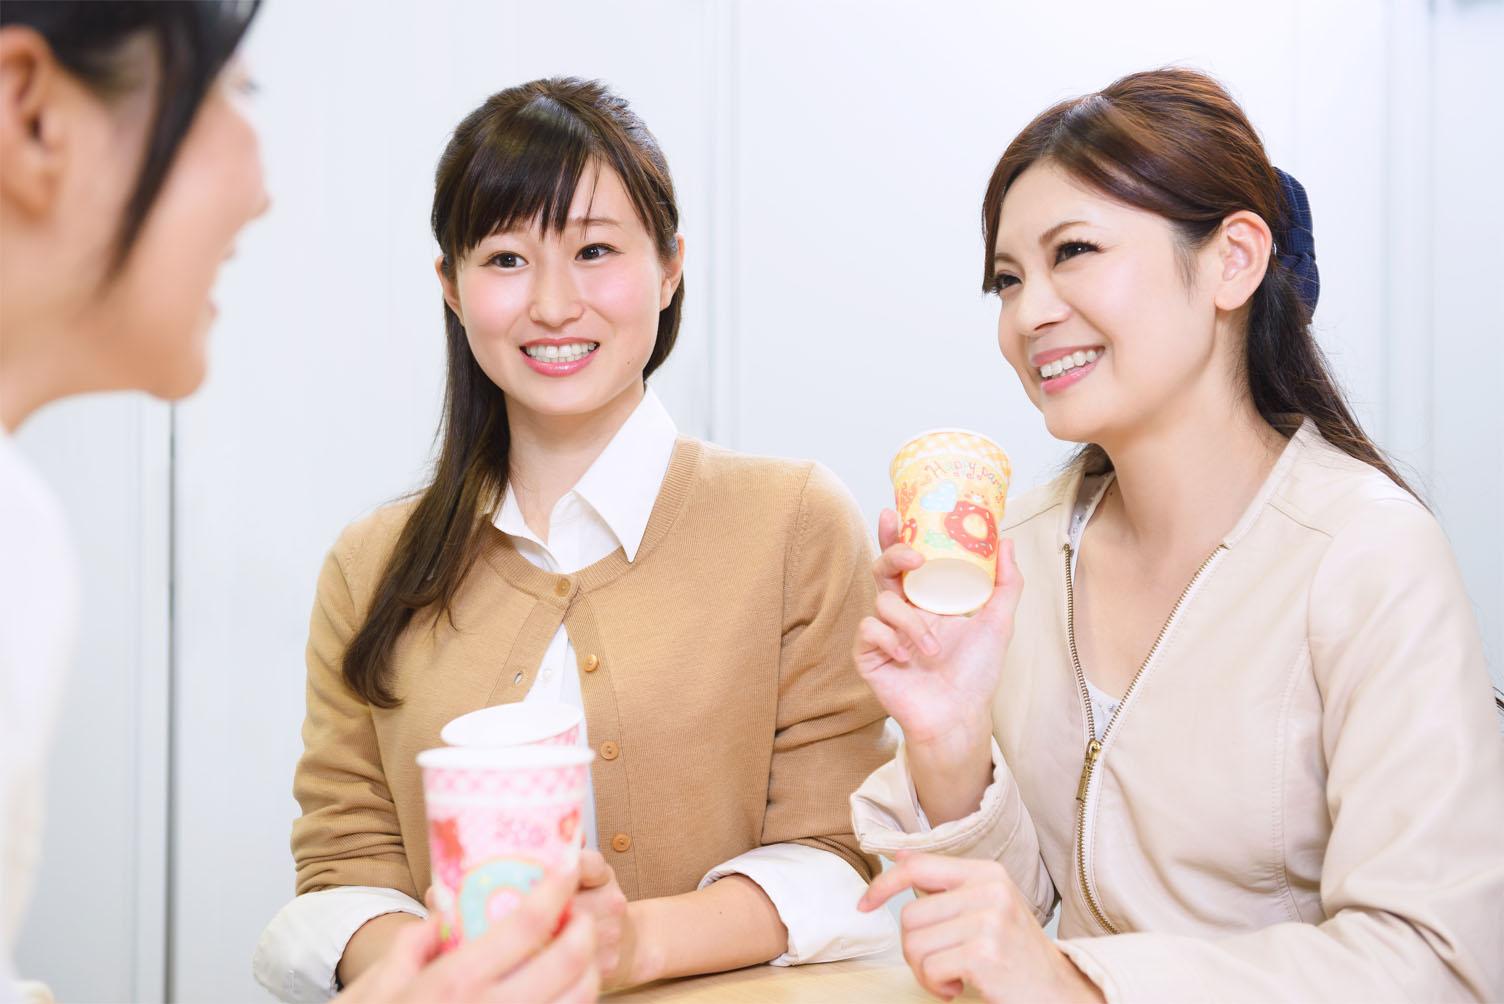 11月スタート!大手銀行メール対応@1100円スタート+交